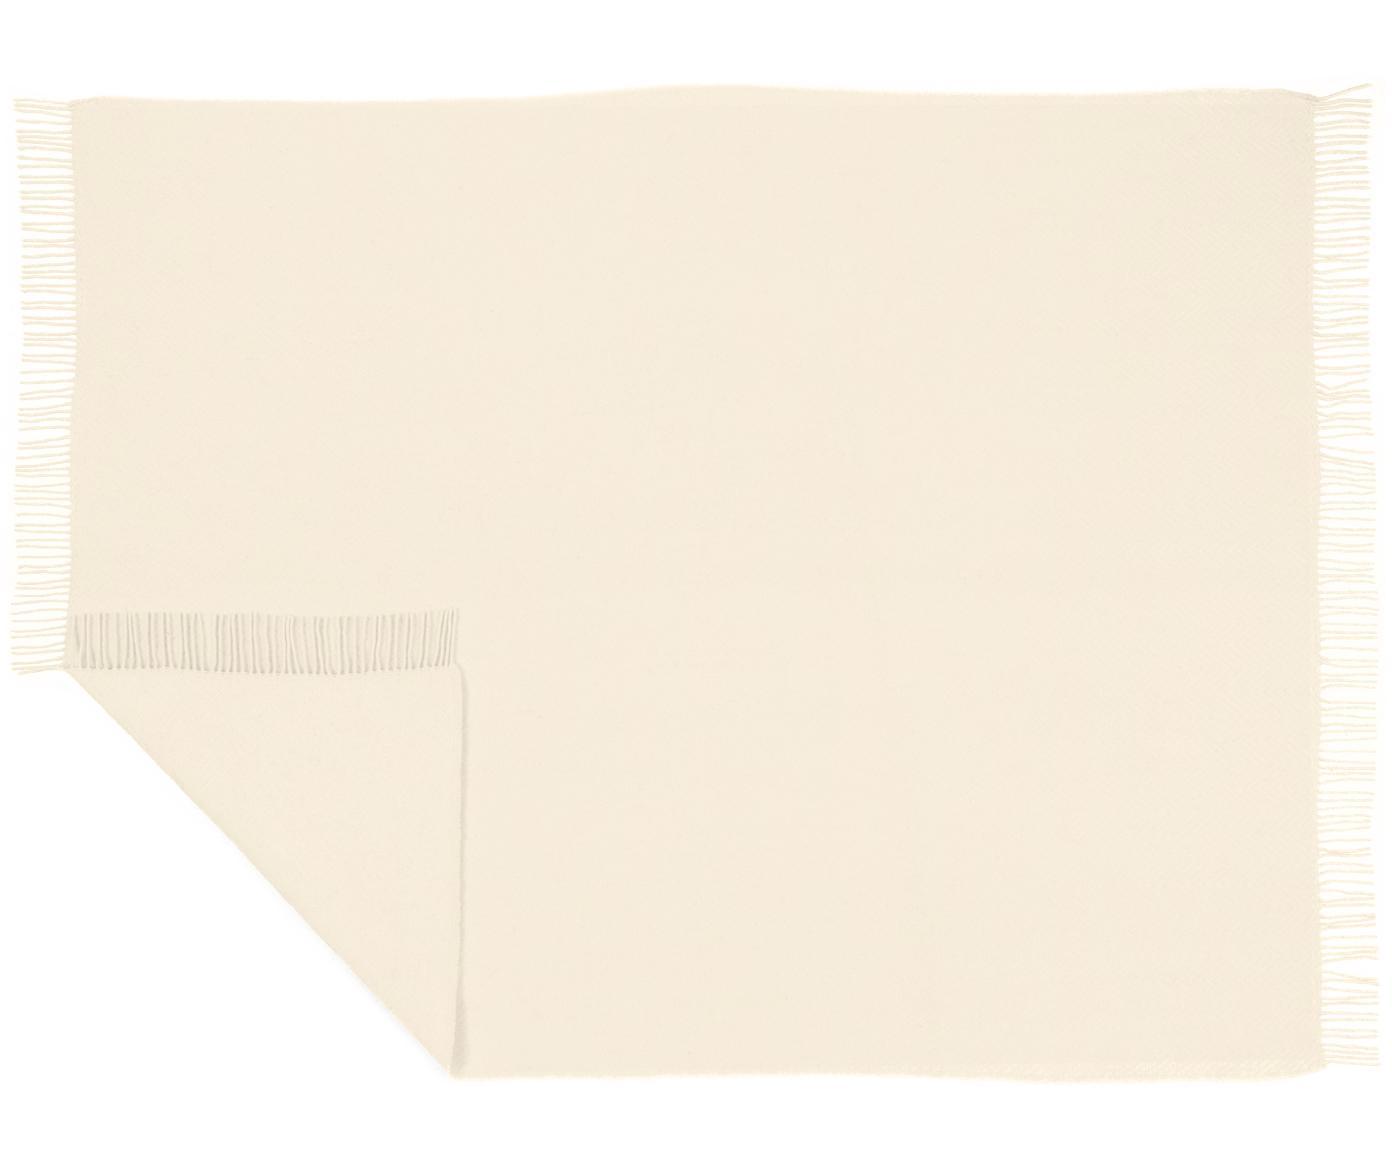 Woll-Plaid Aubrey mit feinem Zickzack-Muster, Creme, 140 x 200 cm